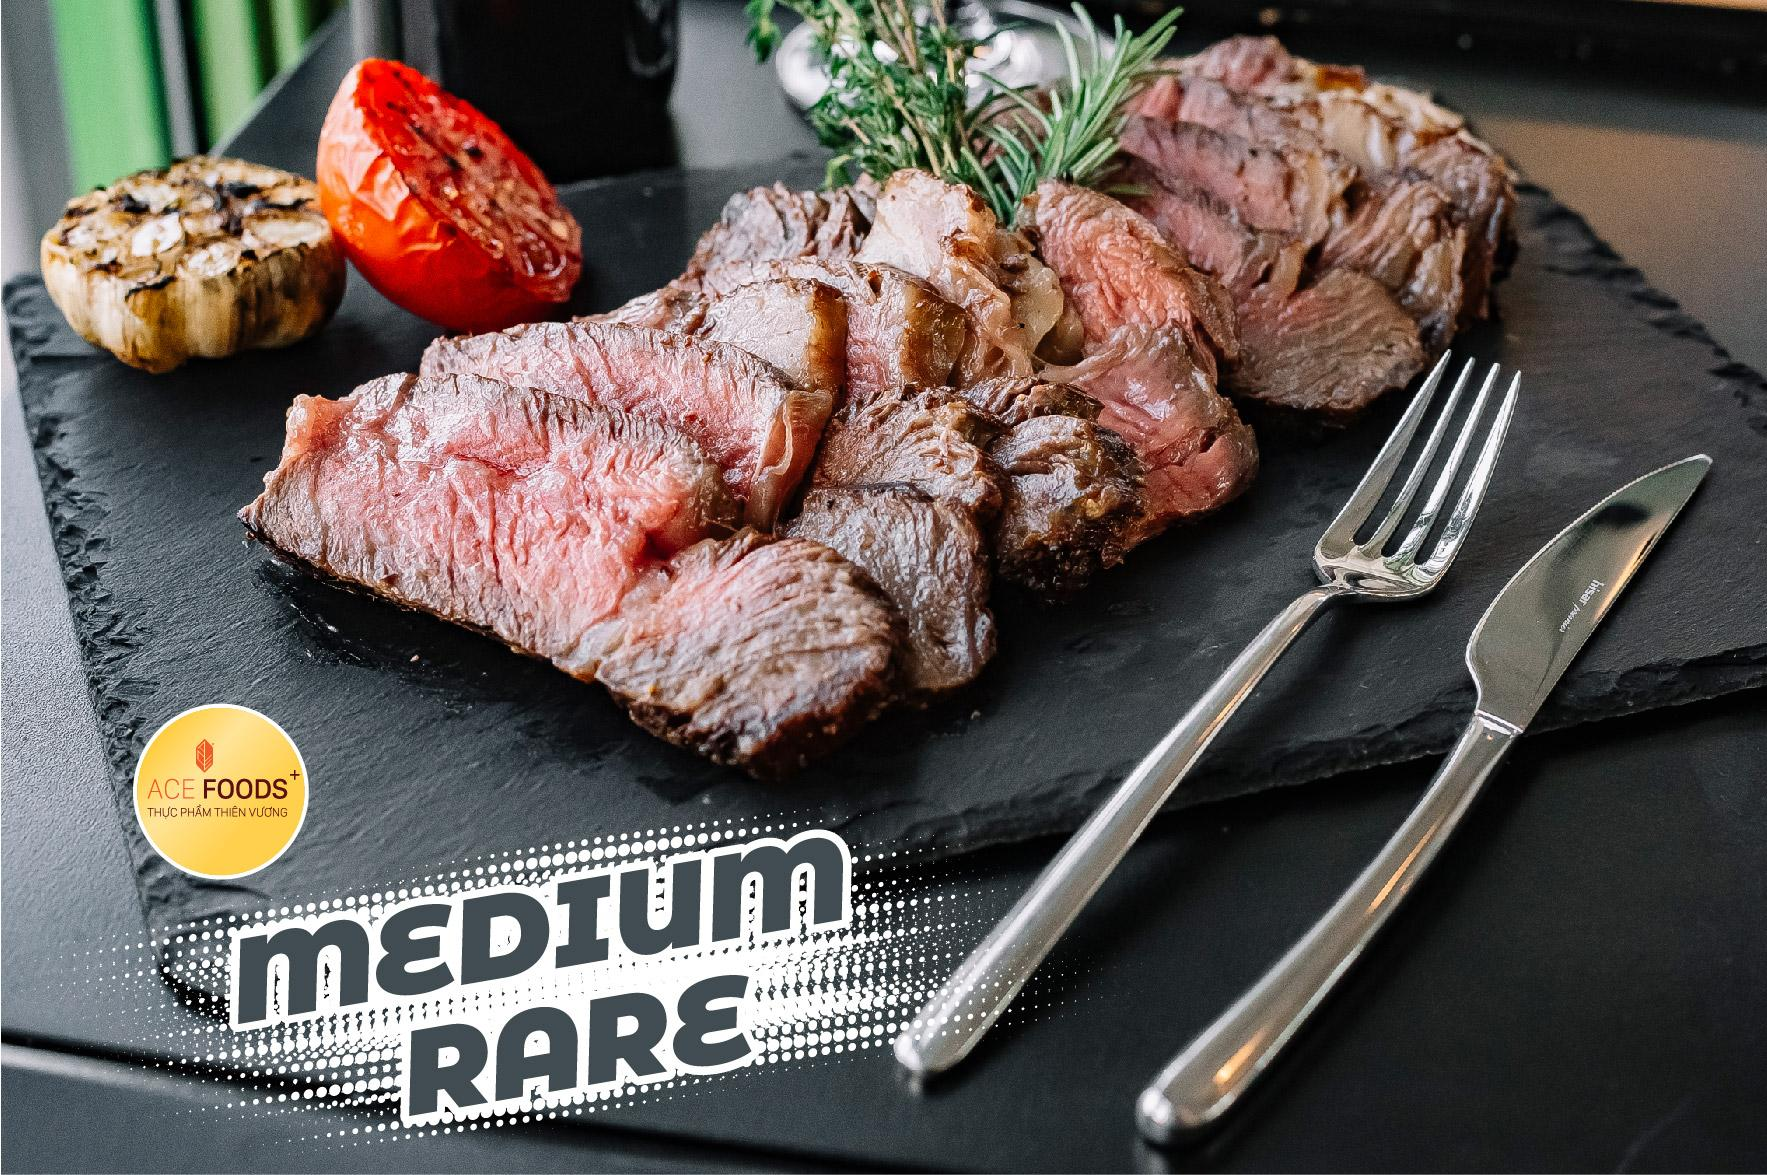 Medium rare là mức độ chín được nhiều người ưa thích nhất cho món beefsteak